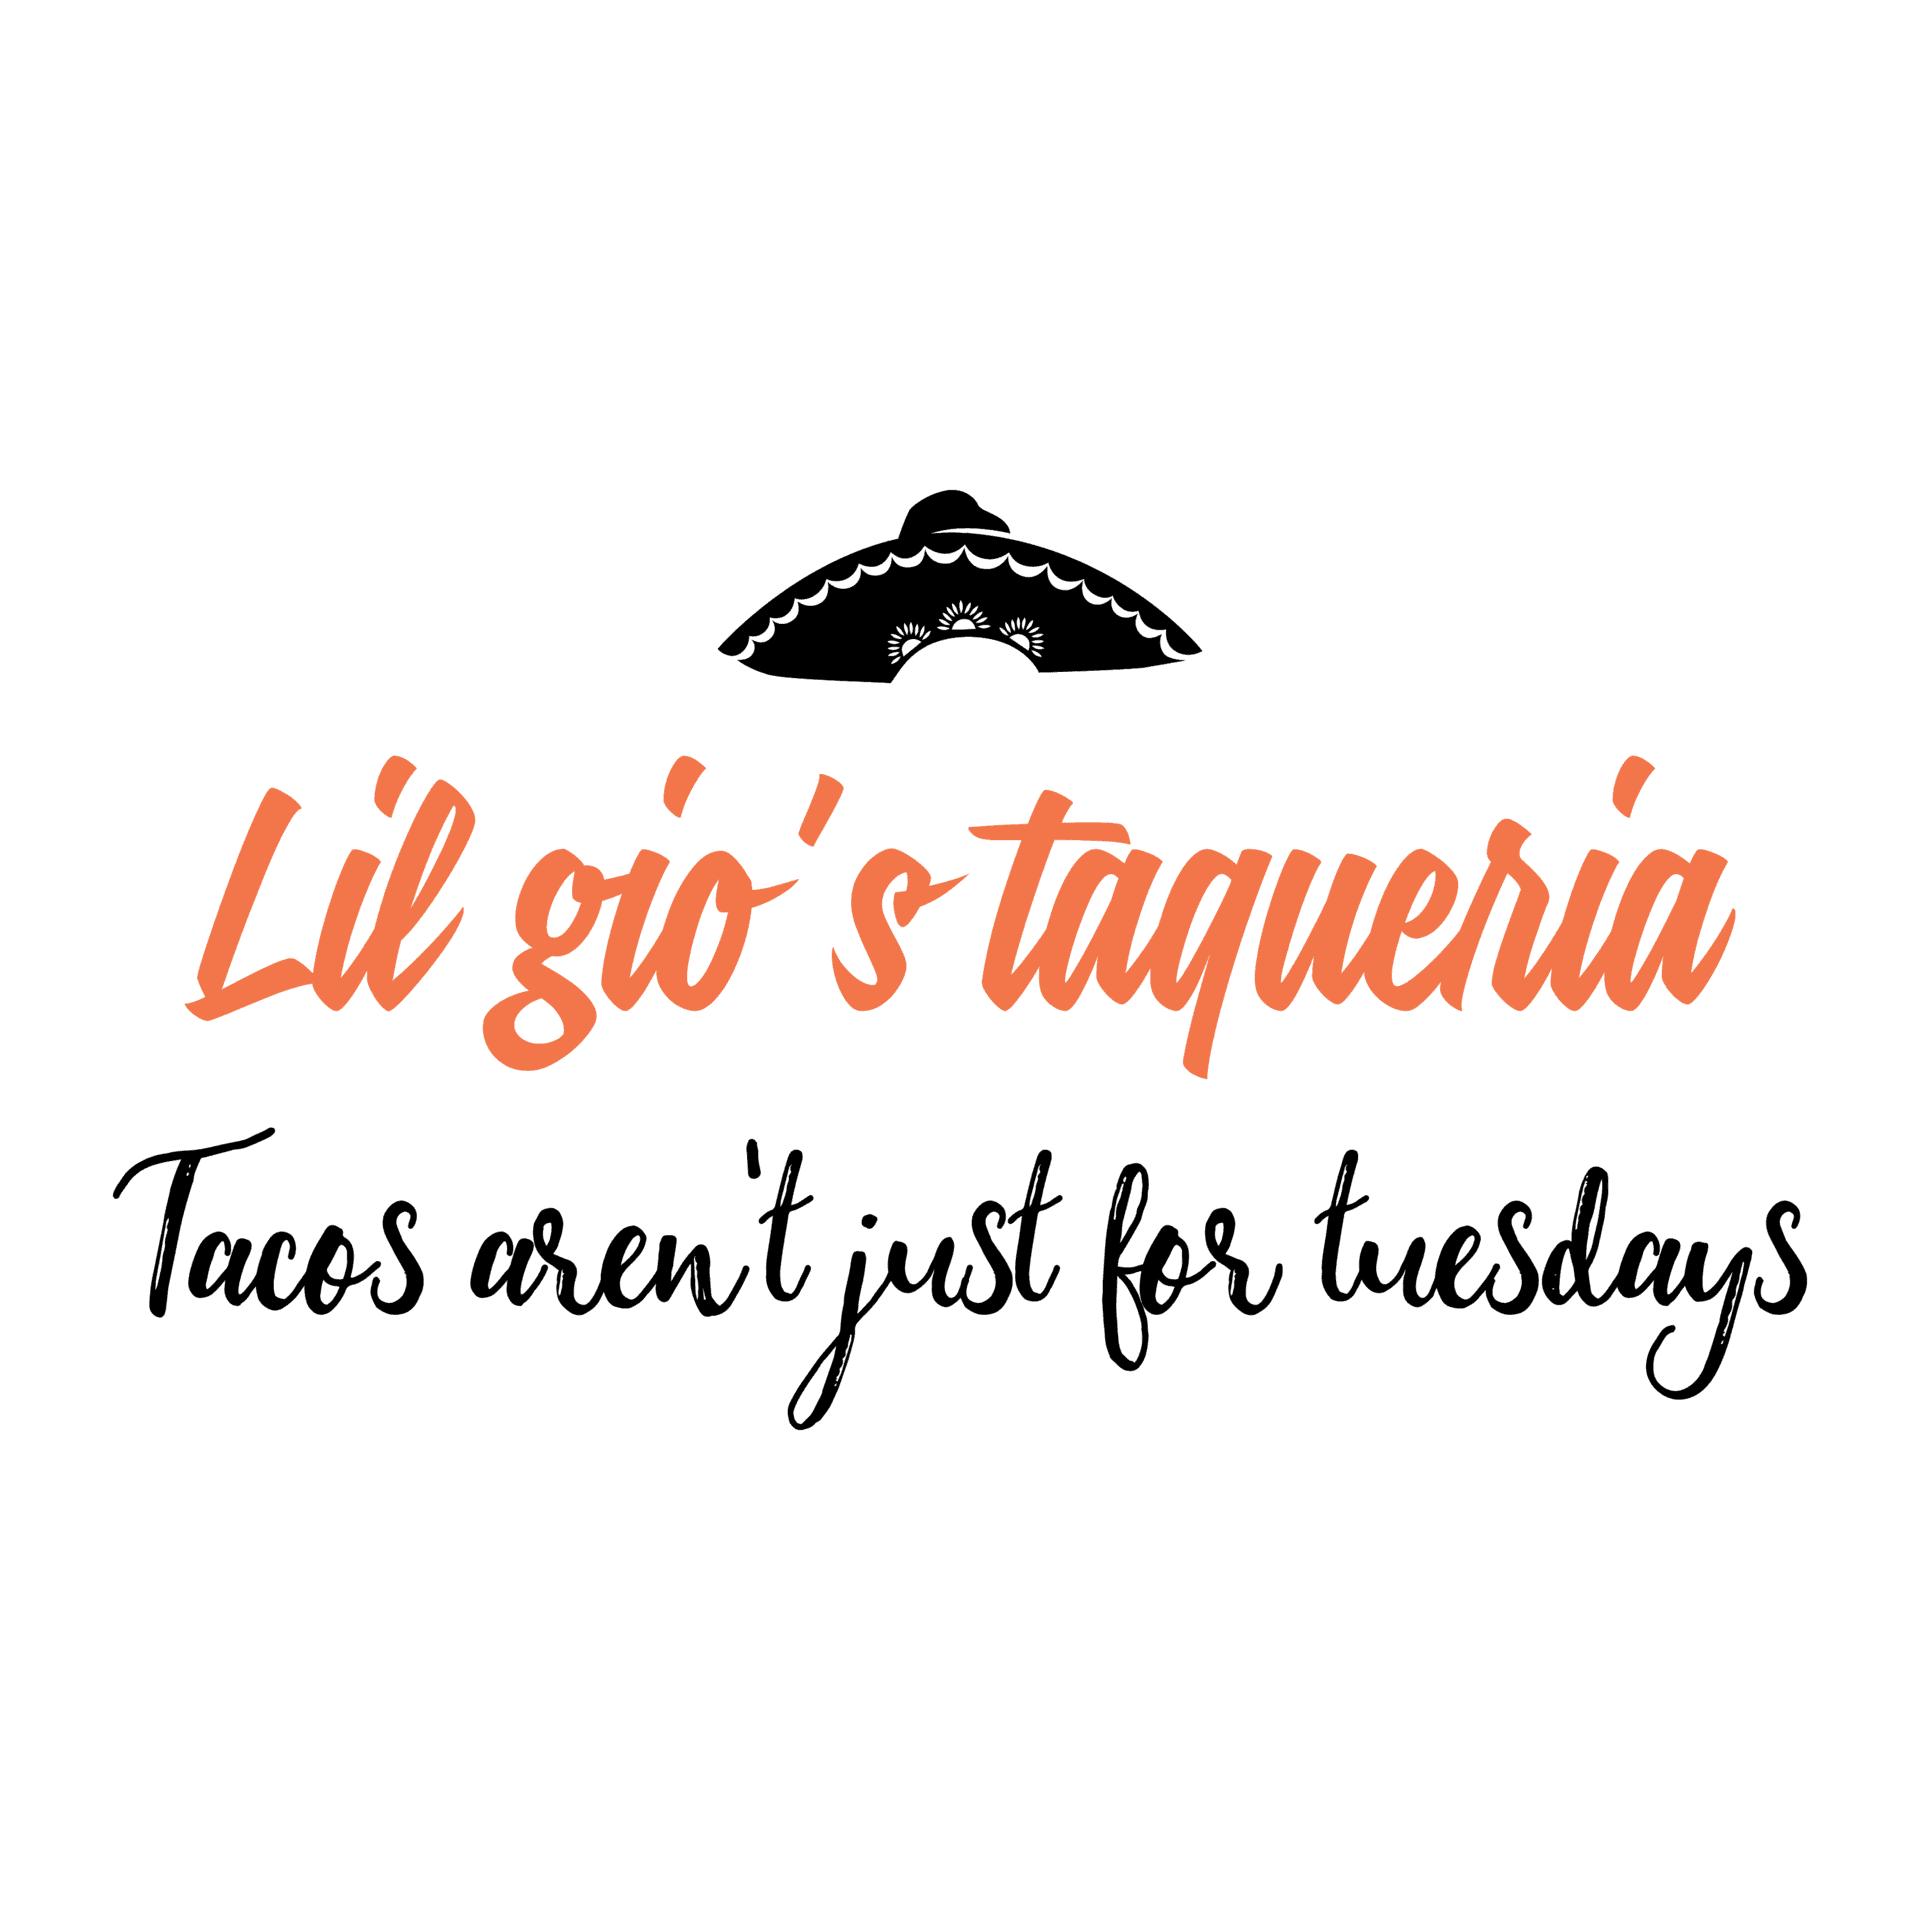 Lil Gio's Taqueria